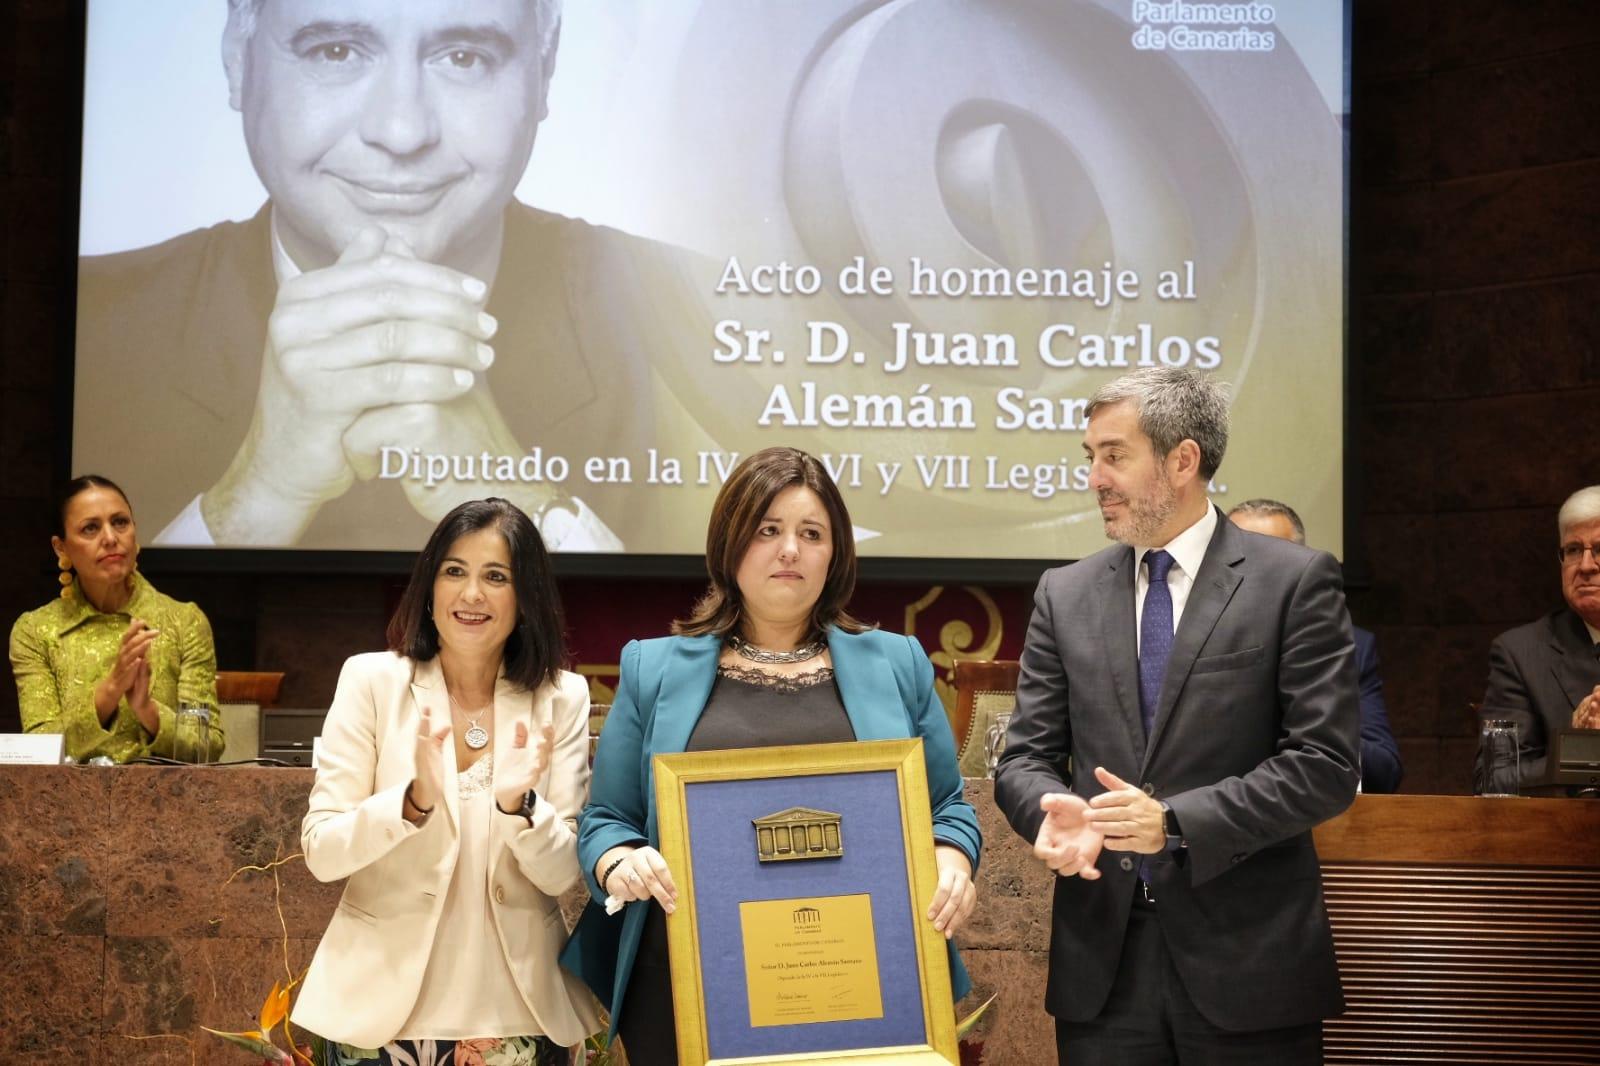 Arriba, la hija del homenajeado, Patricia Alemán, recibe un recordatorio en un acto multitudinario al que no faltaron algunos de los expresidentes autonómicos. S.M.